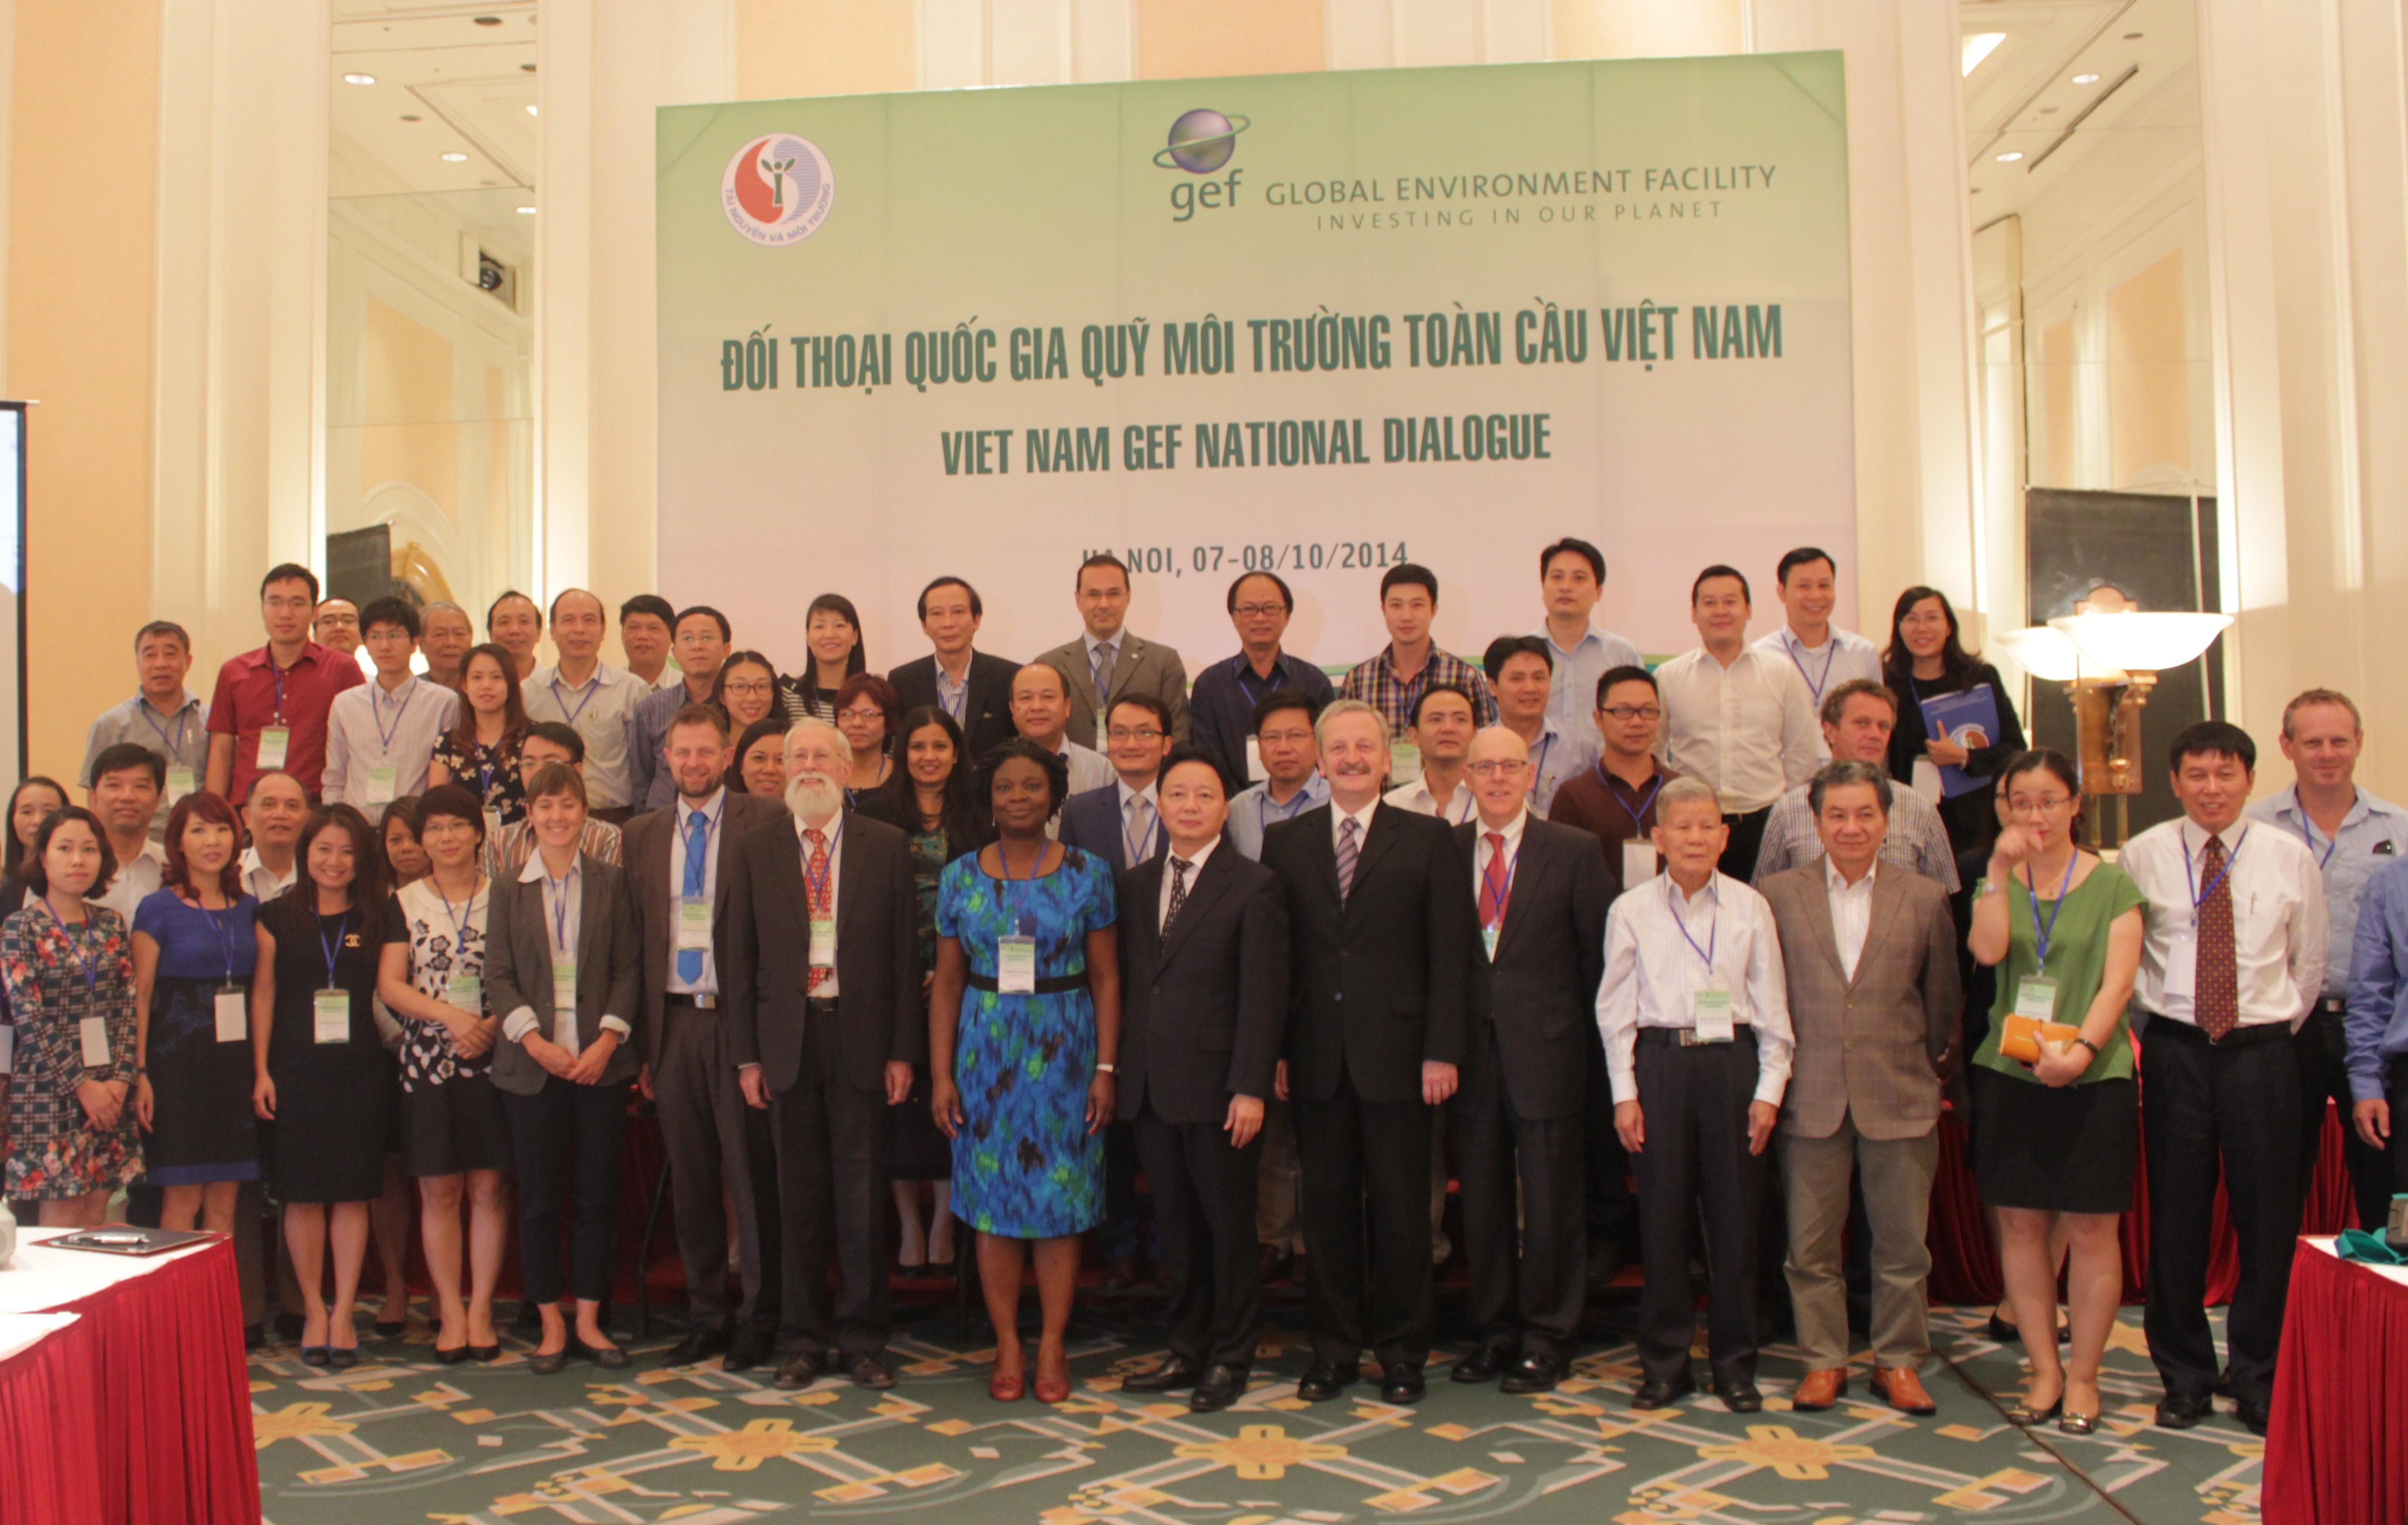 Đối thoại quốc gia Quỹ Môi trường toàn cầu Việt Nam